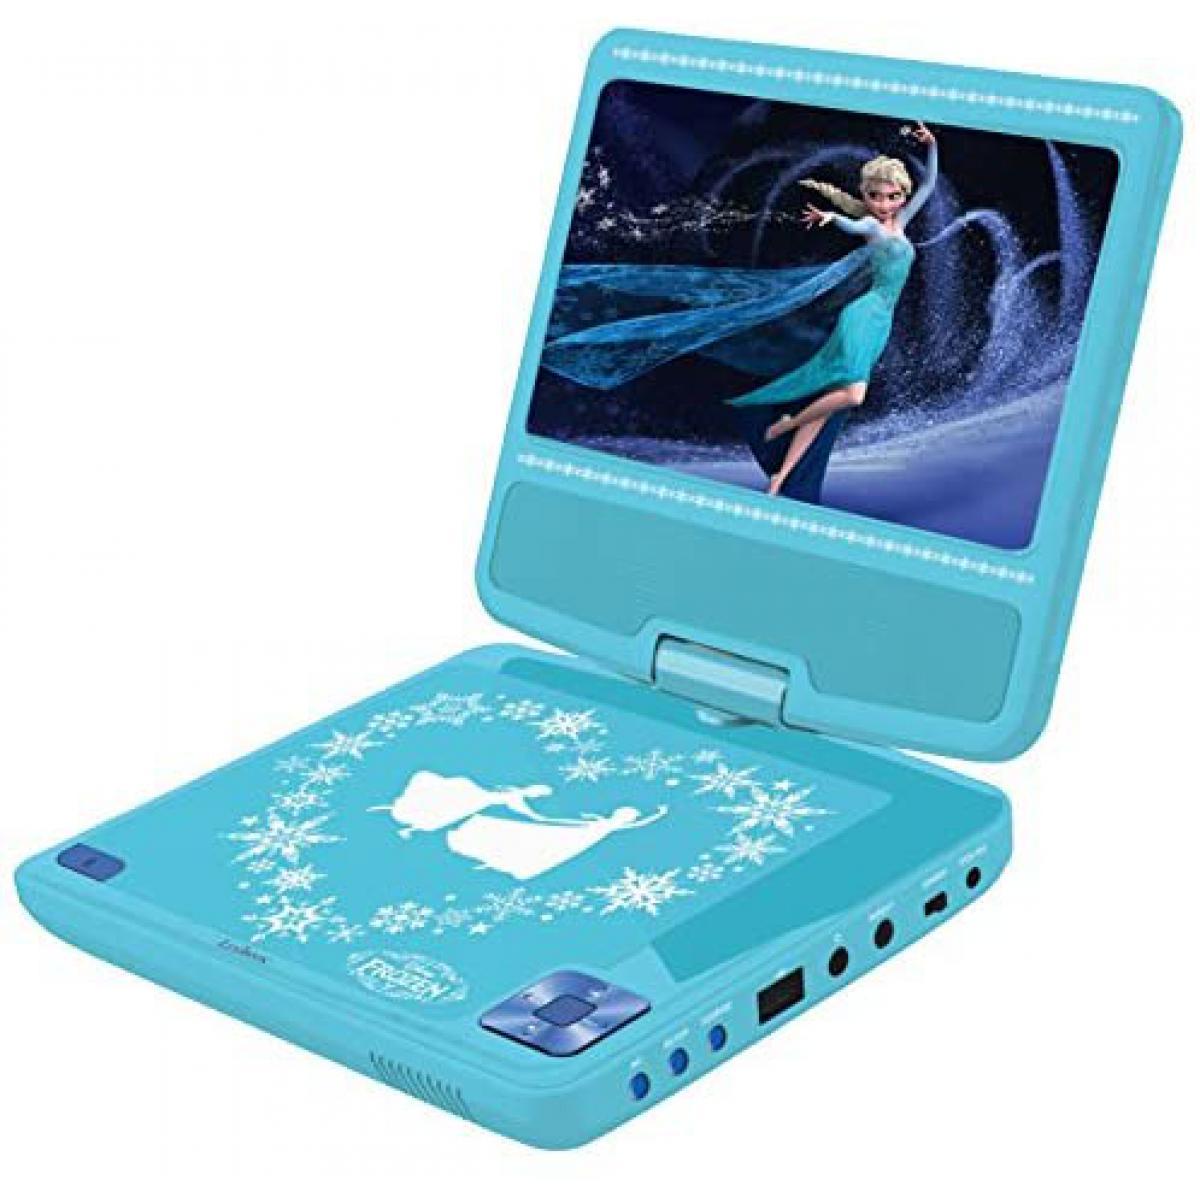 lexibook lecteur DVD Portable avec écran LCD et haut parleur la Reine des neiges bleu ciel